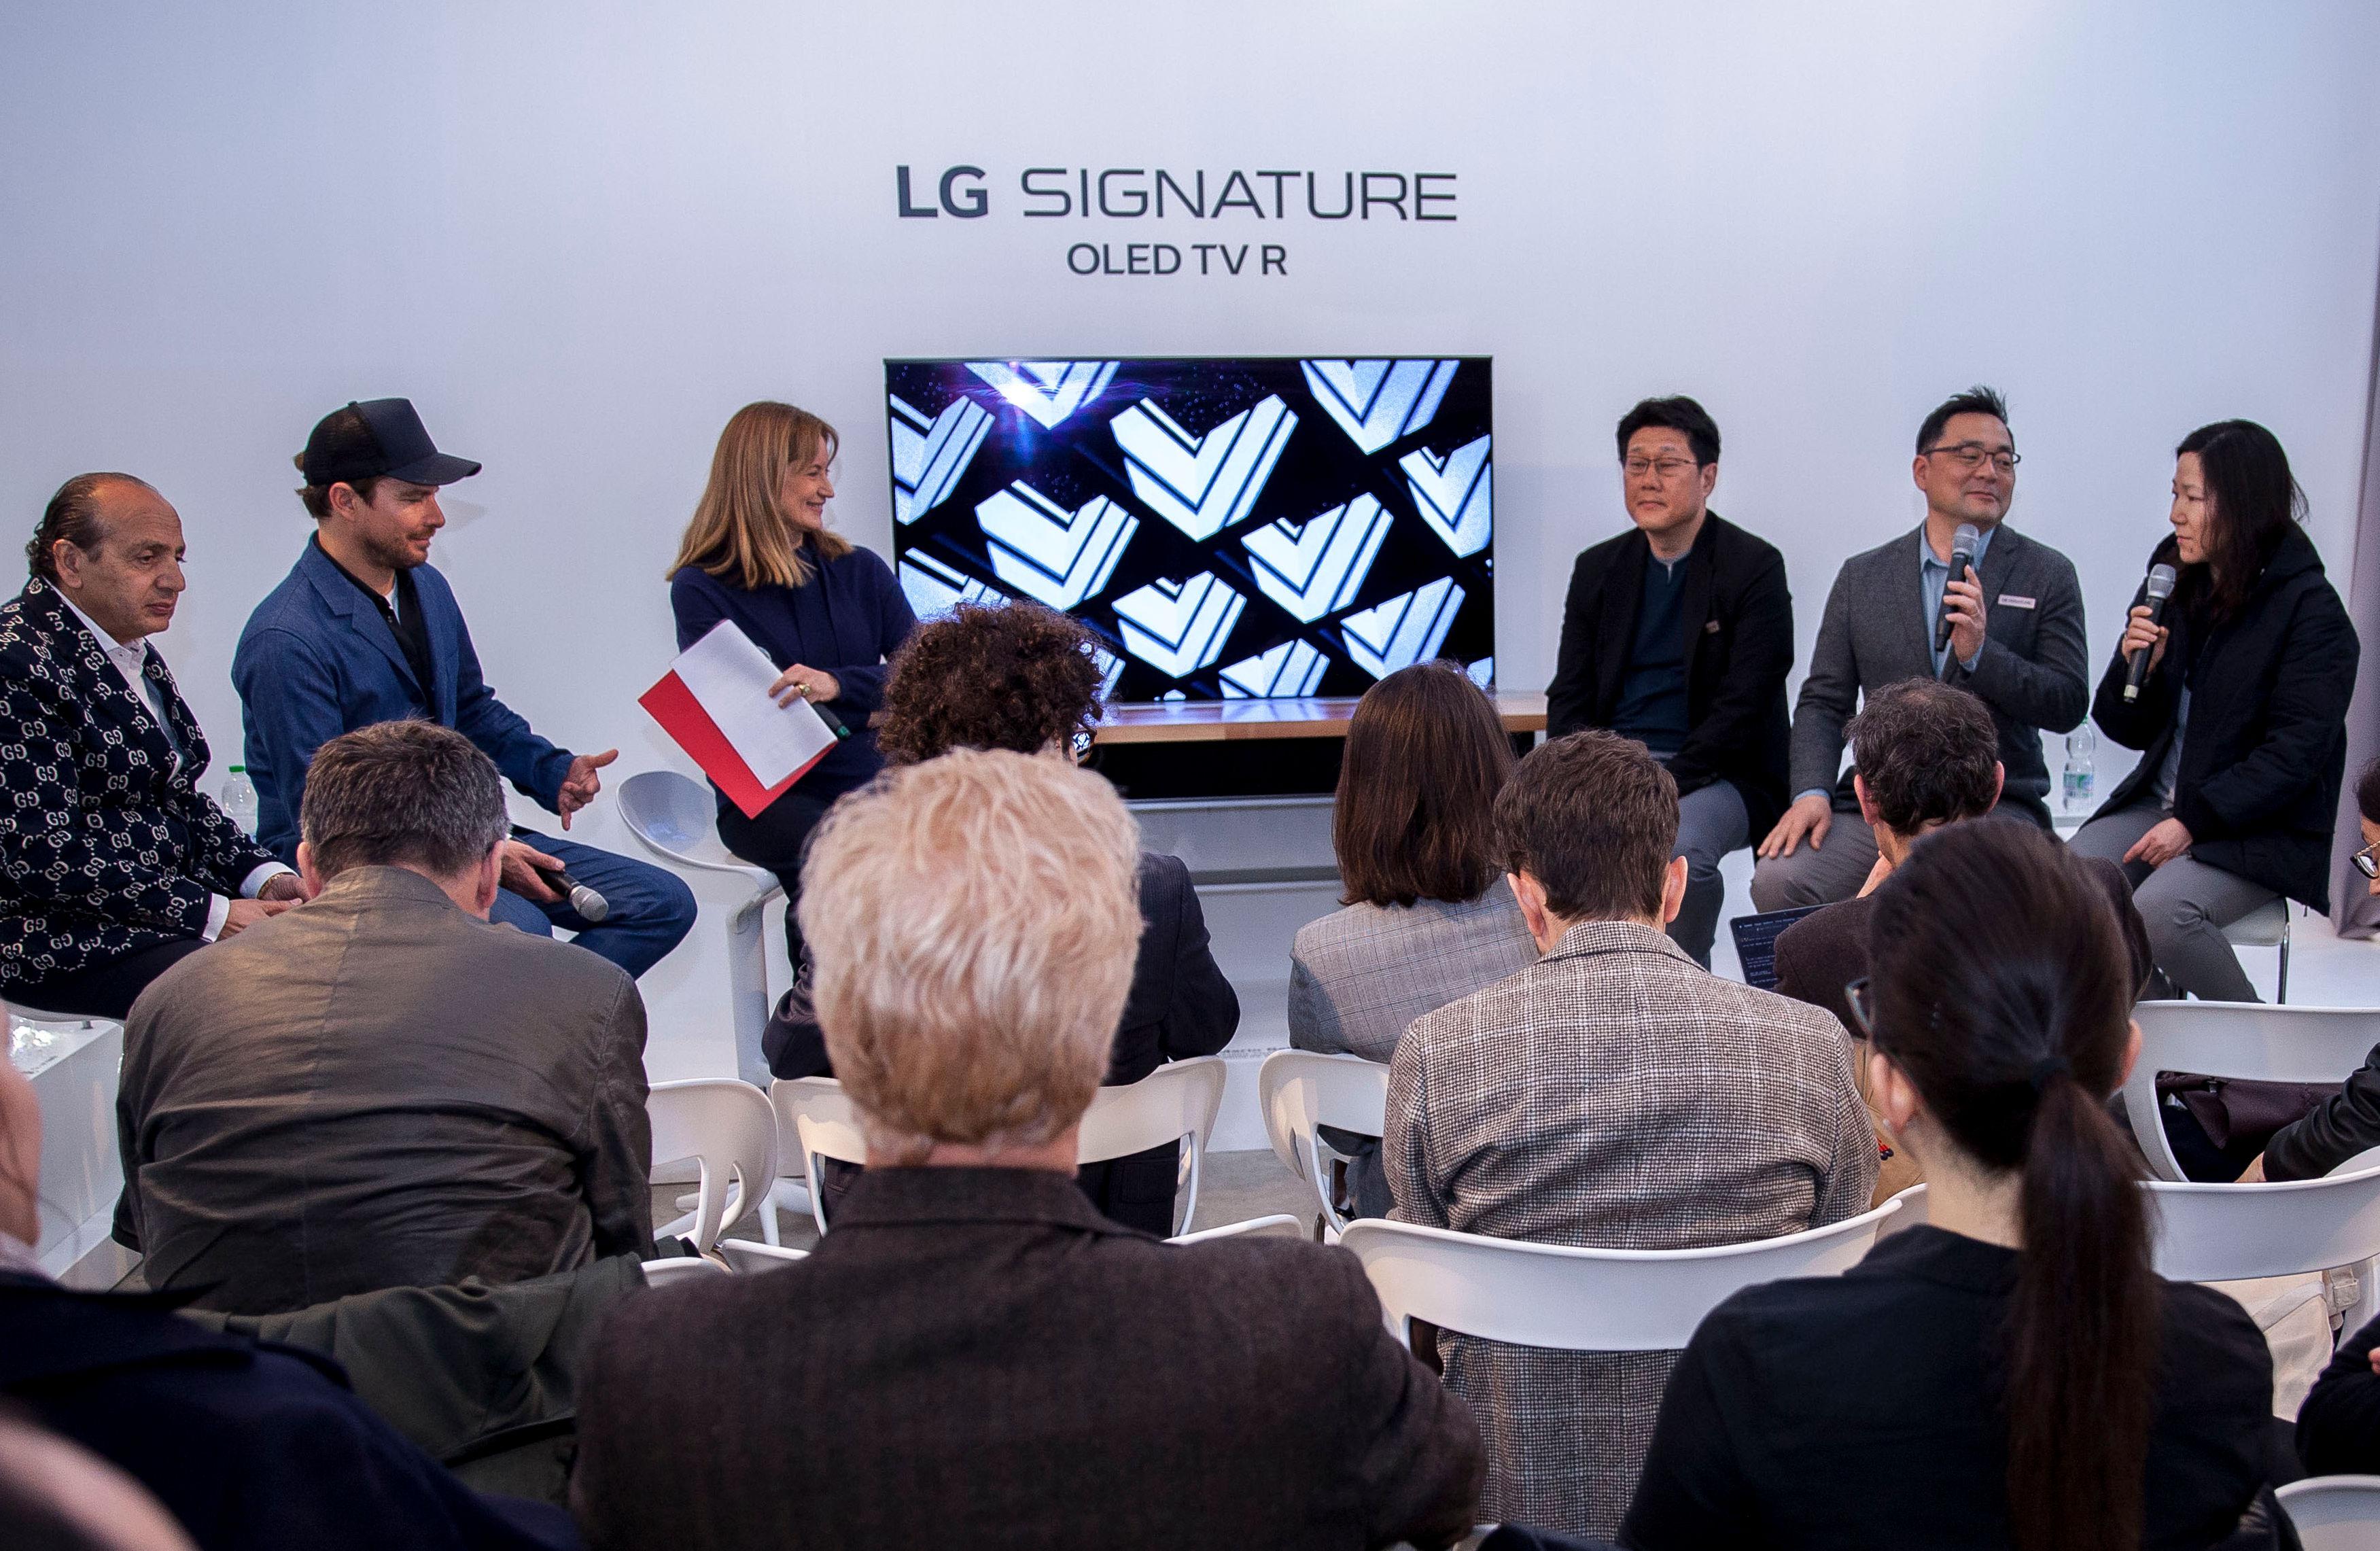 LG전자가 '밀라노 디자인 위크'를 방문한 디자인 분야  미디어, 인플루언서 등을 초청해 현지시간 11일 'LG 시그니처' 전시관에서 디자인 토크를 진행했다.